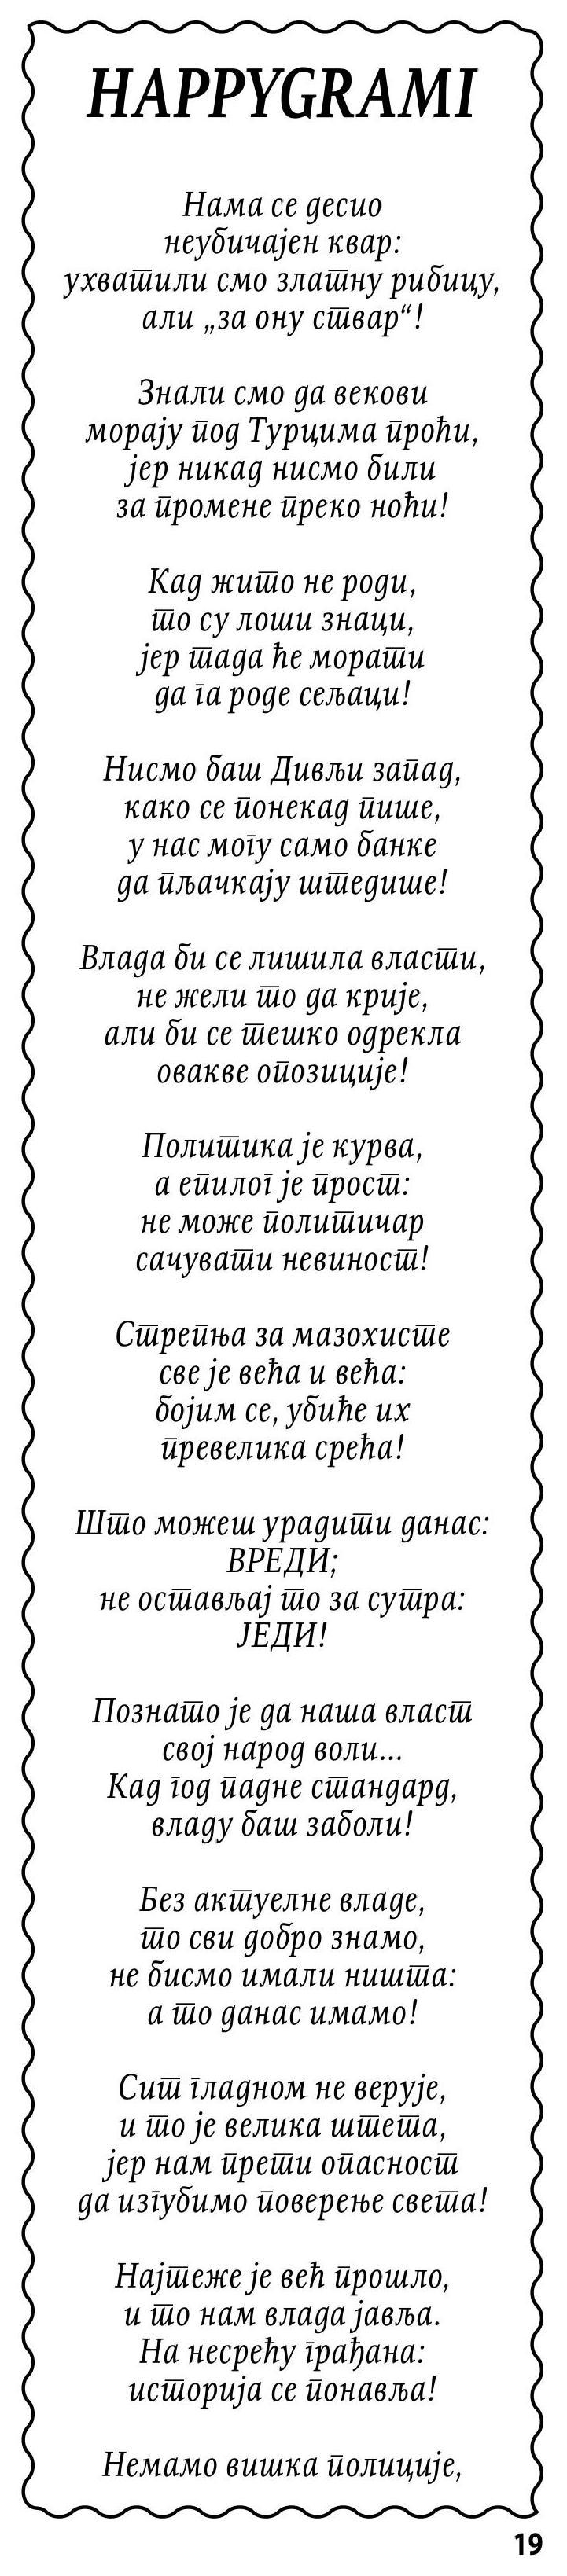 hepigrami